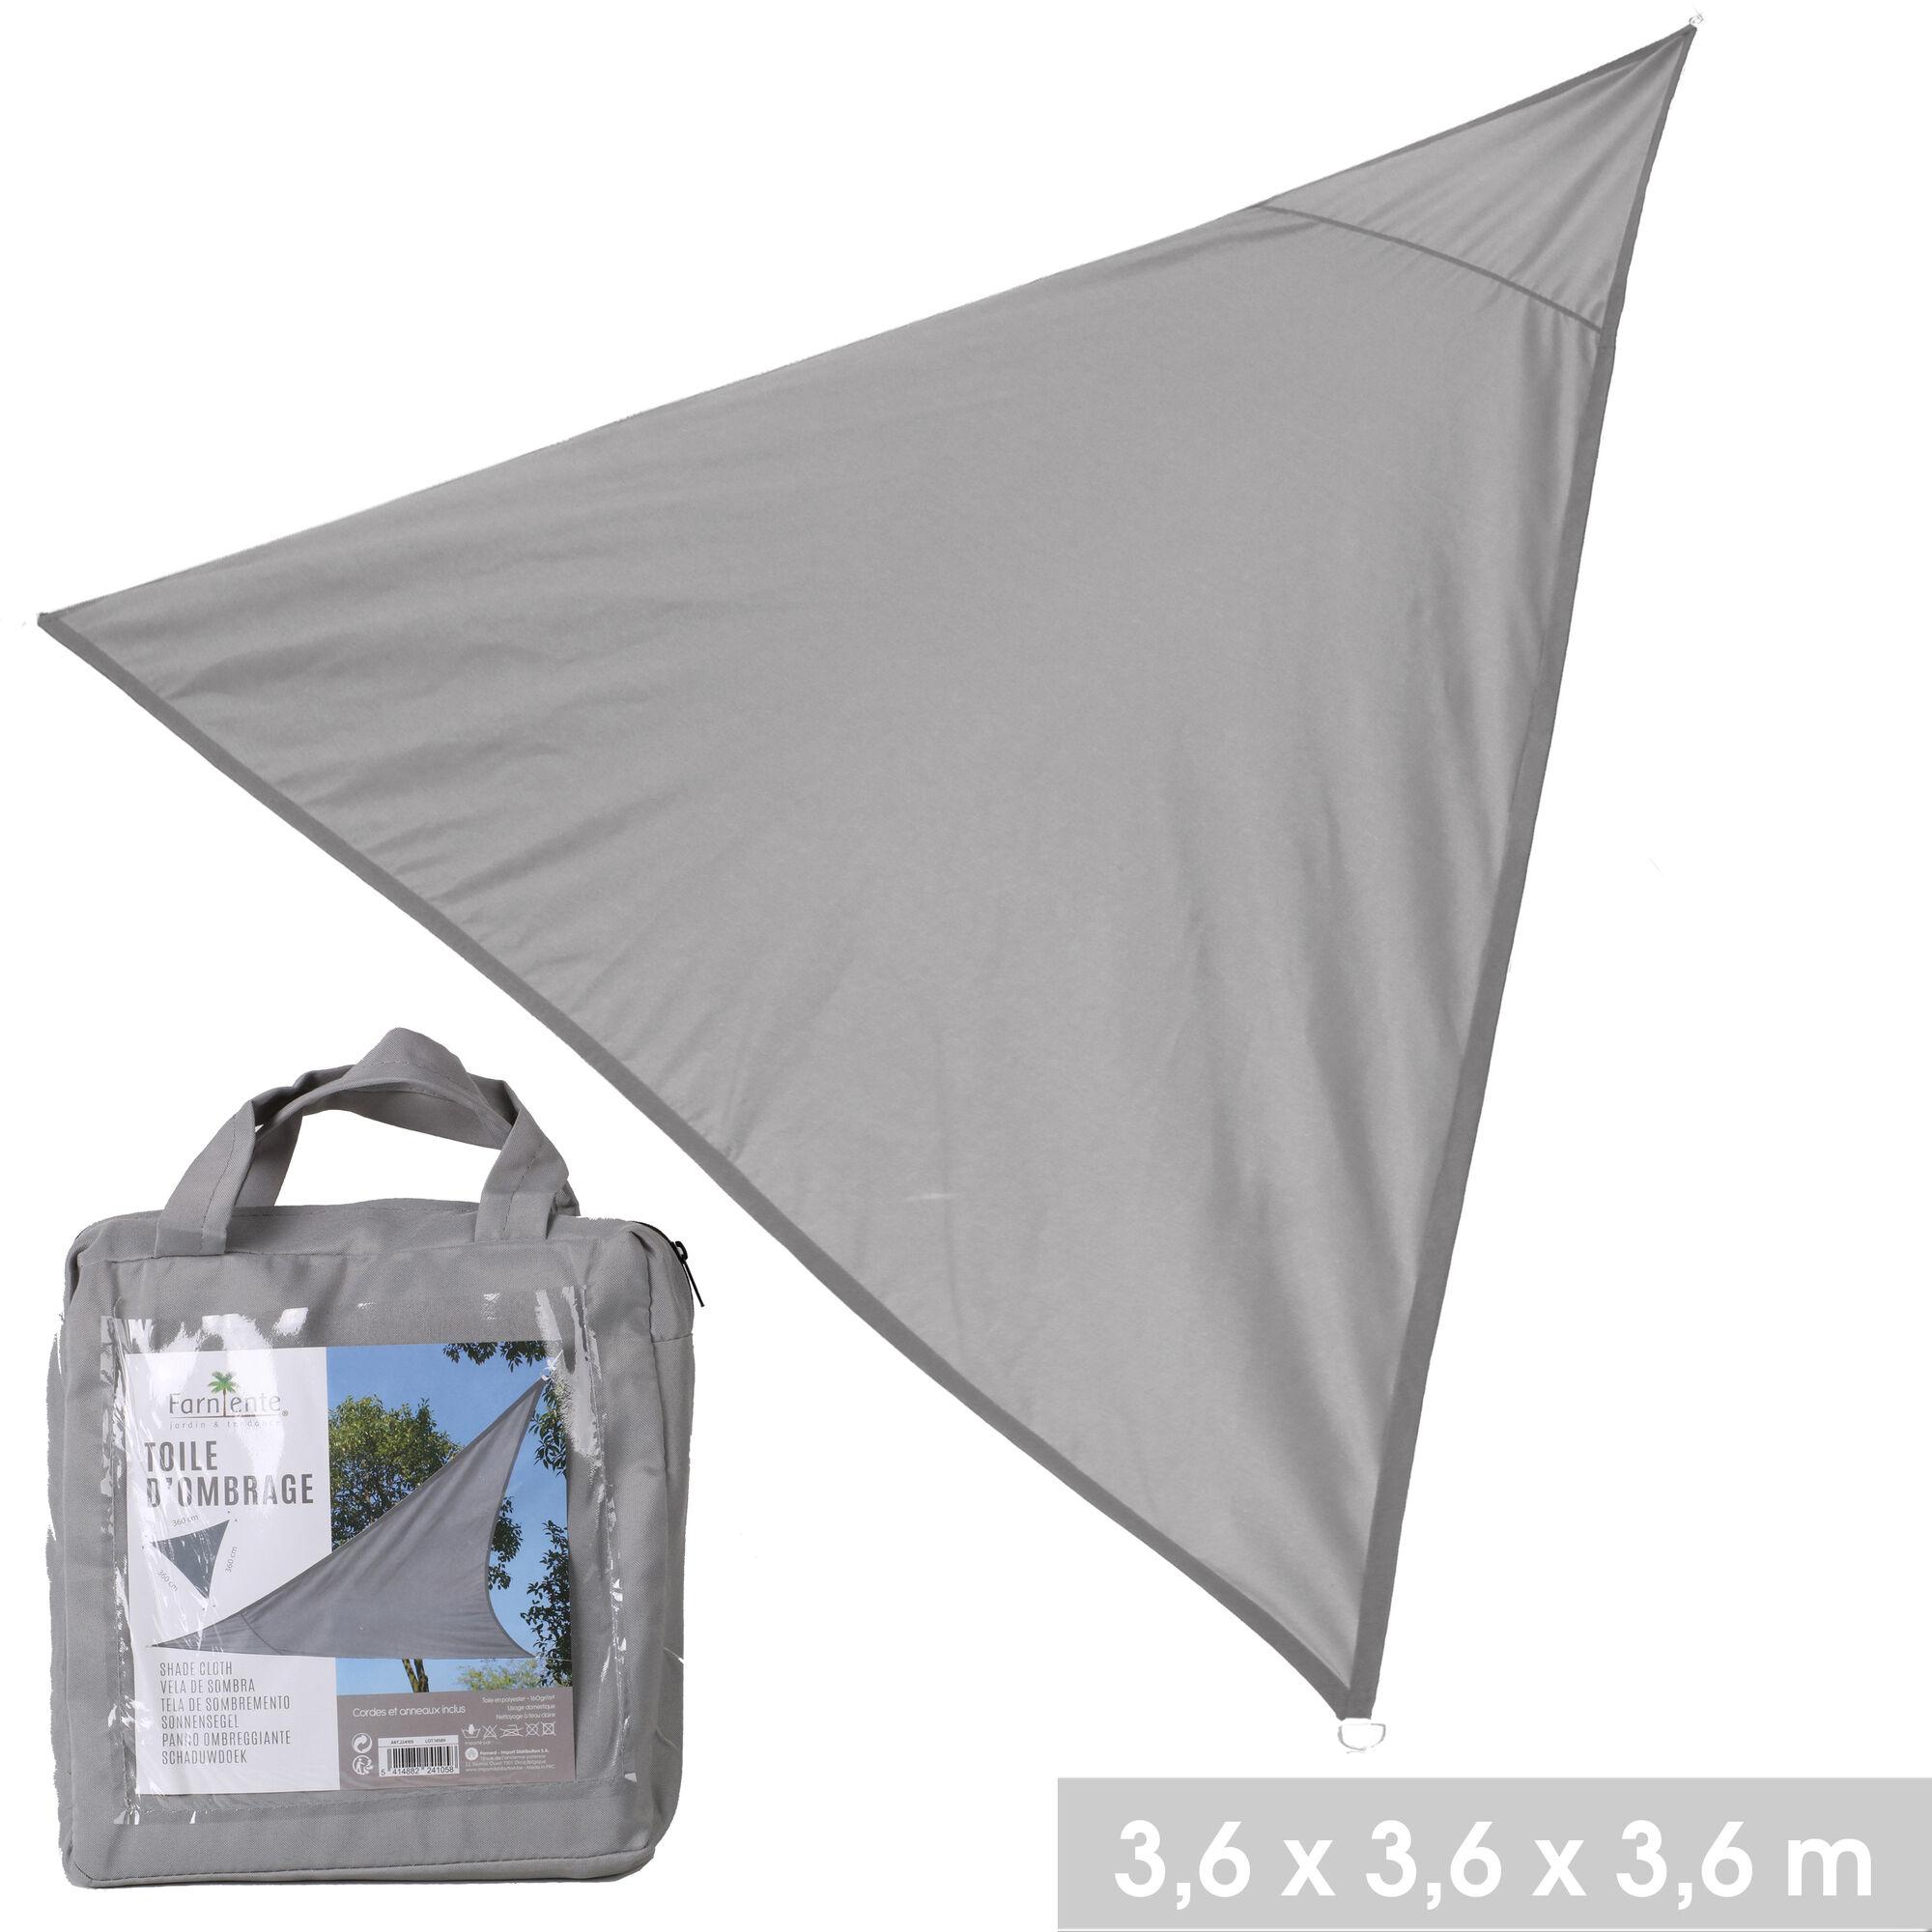 NOTRE SÉLECTION Toile d'ombrage triangle en polyester 3,6 x 3,6 x 3,6 m gris clair